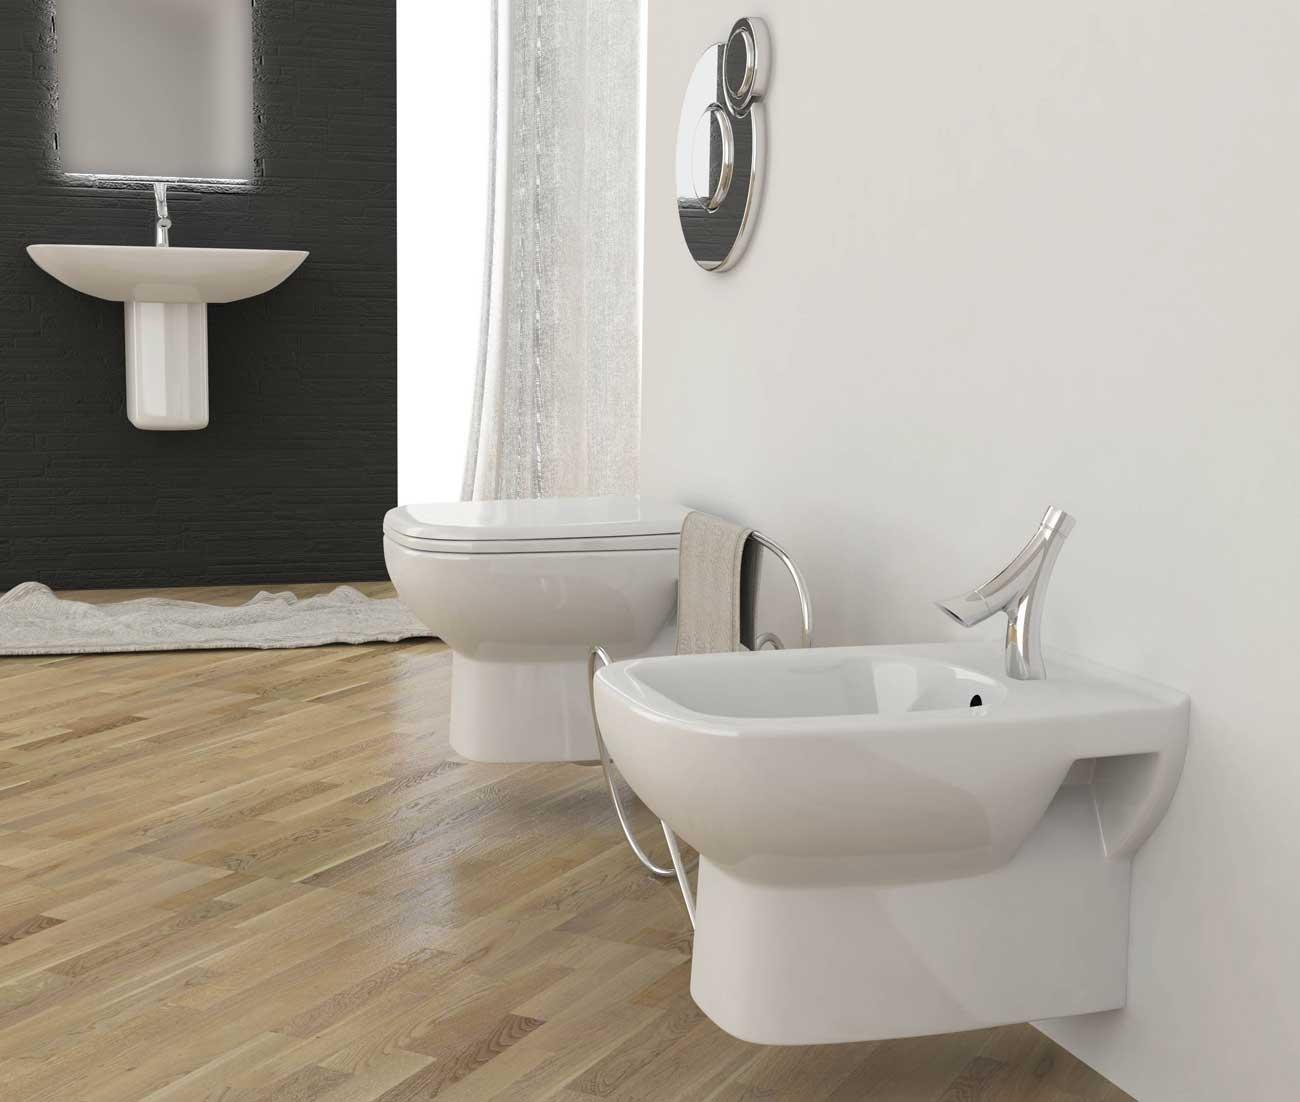 Offerta bagno completo con sanitari sospesi e lavabo